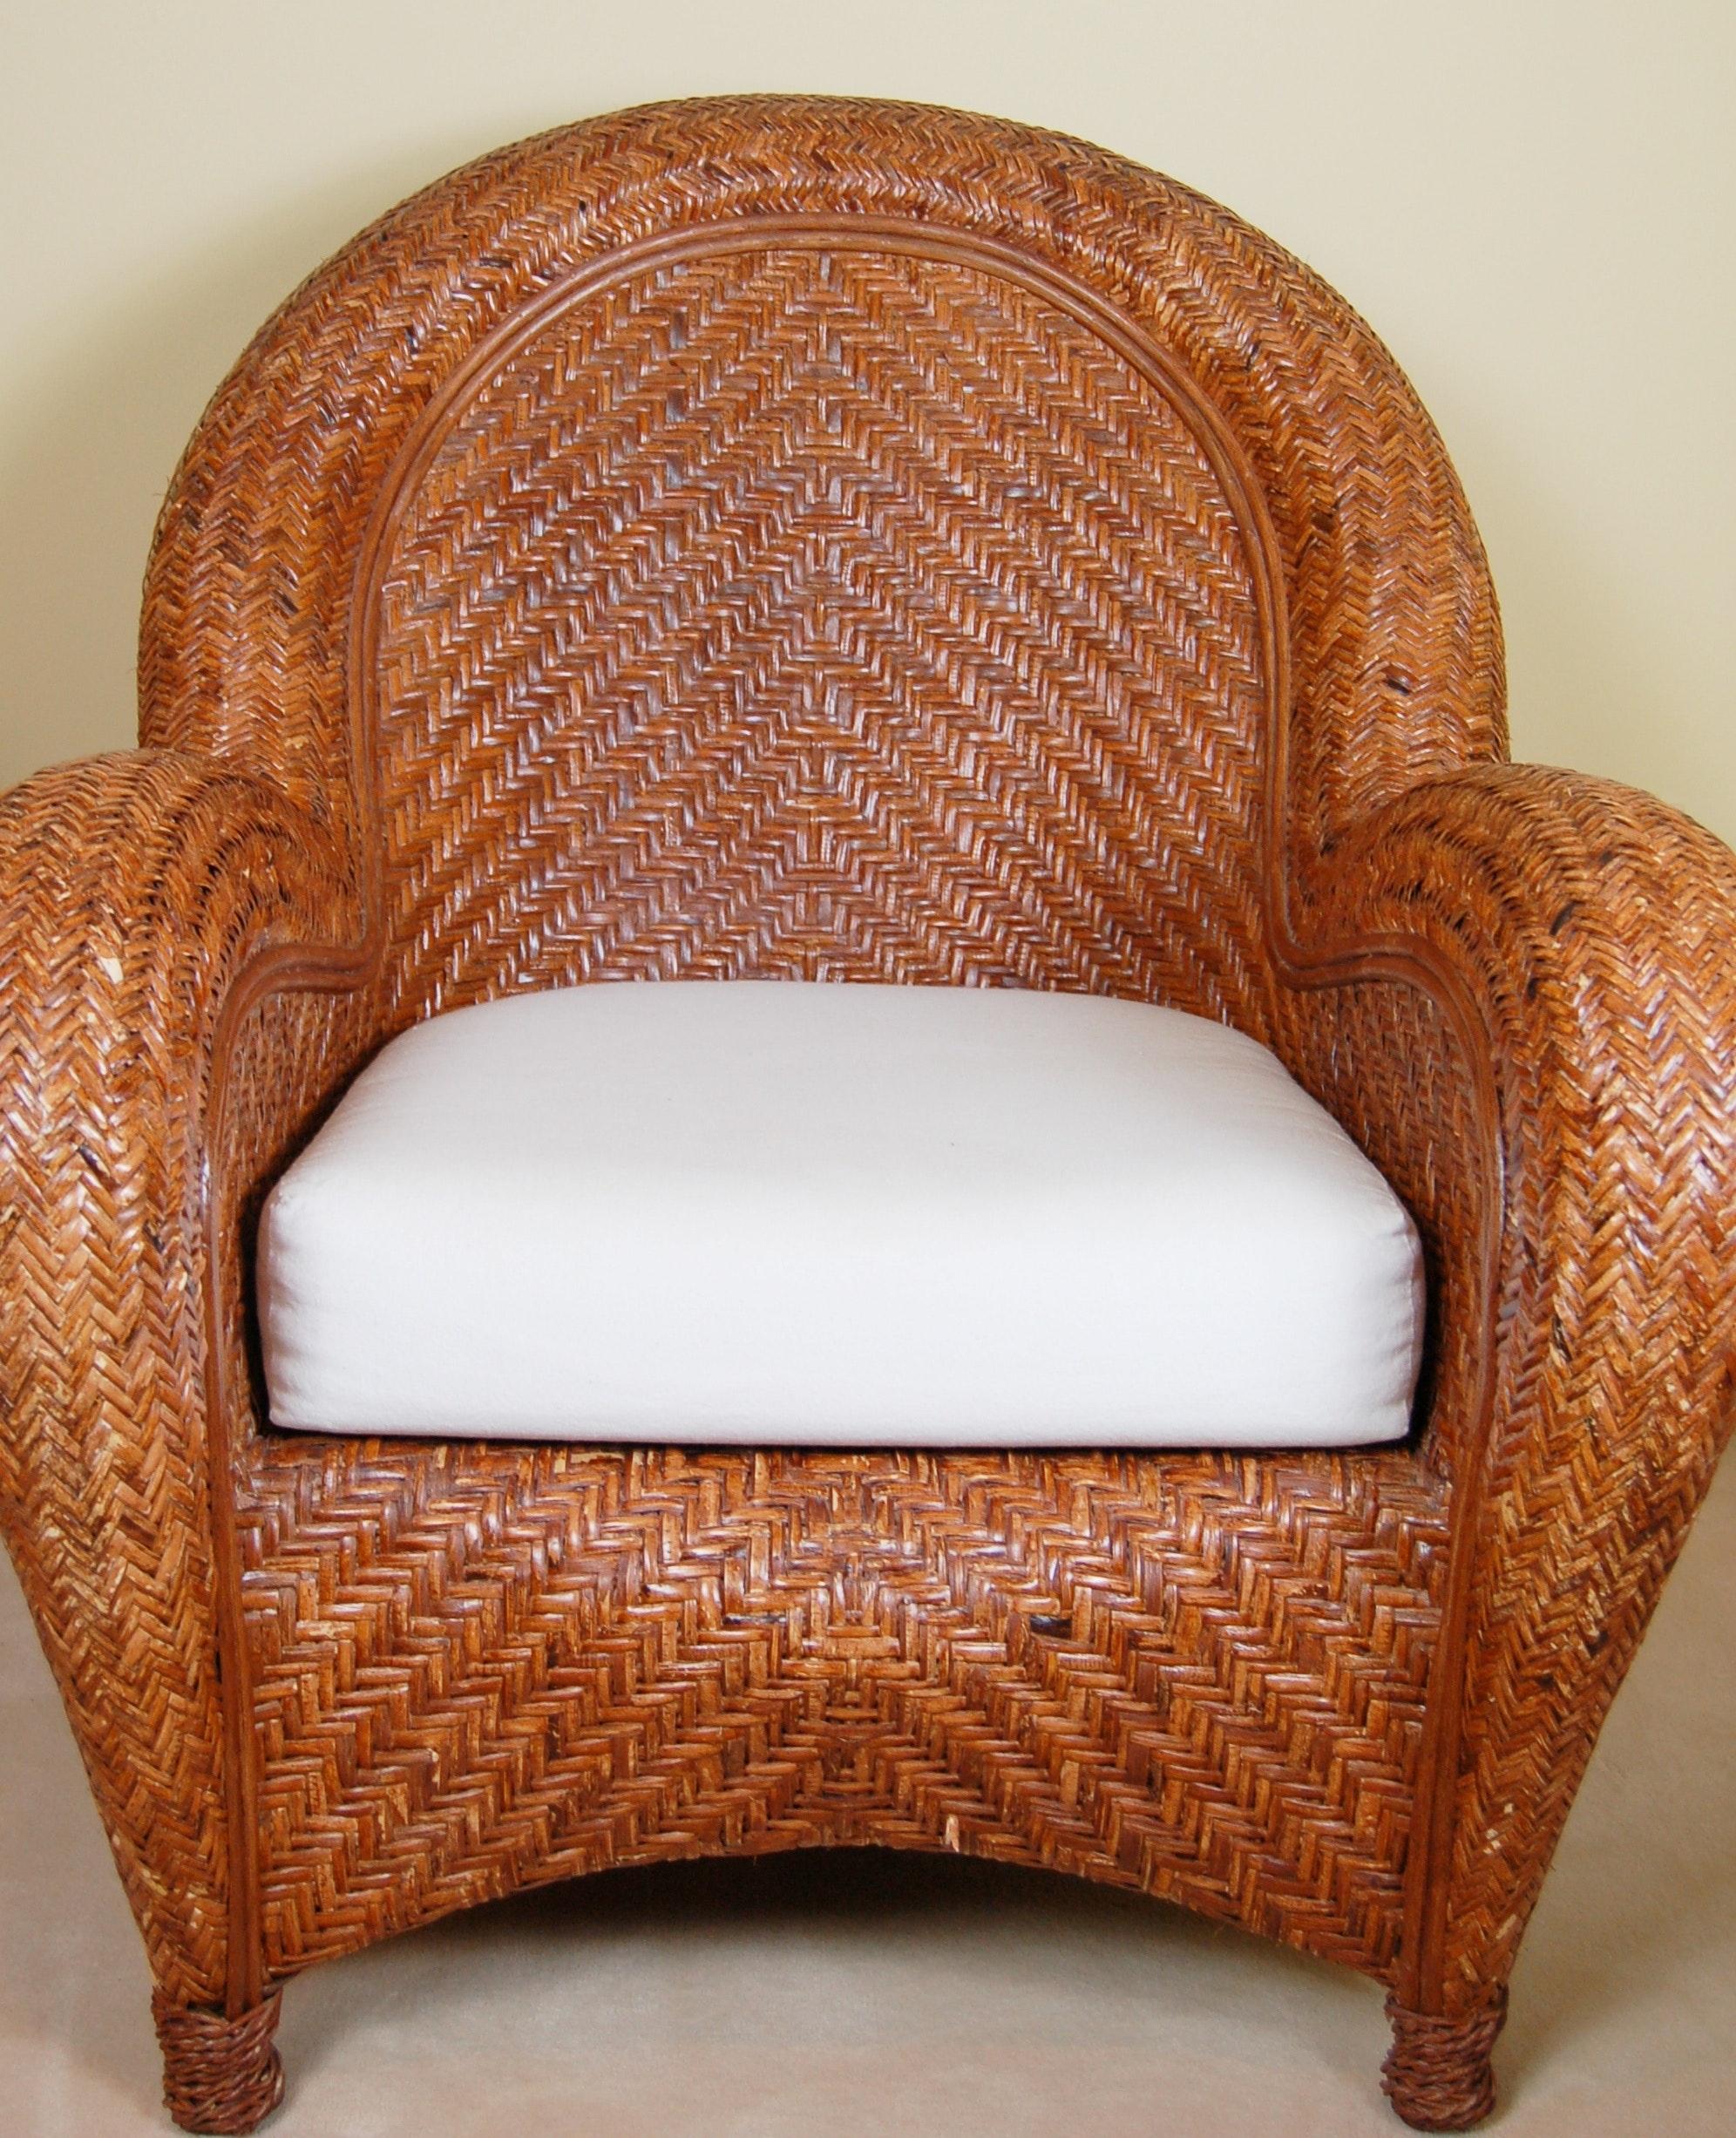 Pottery Barn Malabar Wicker Arm Chair ...